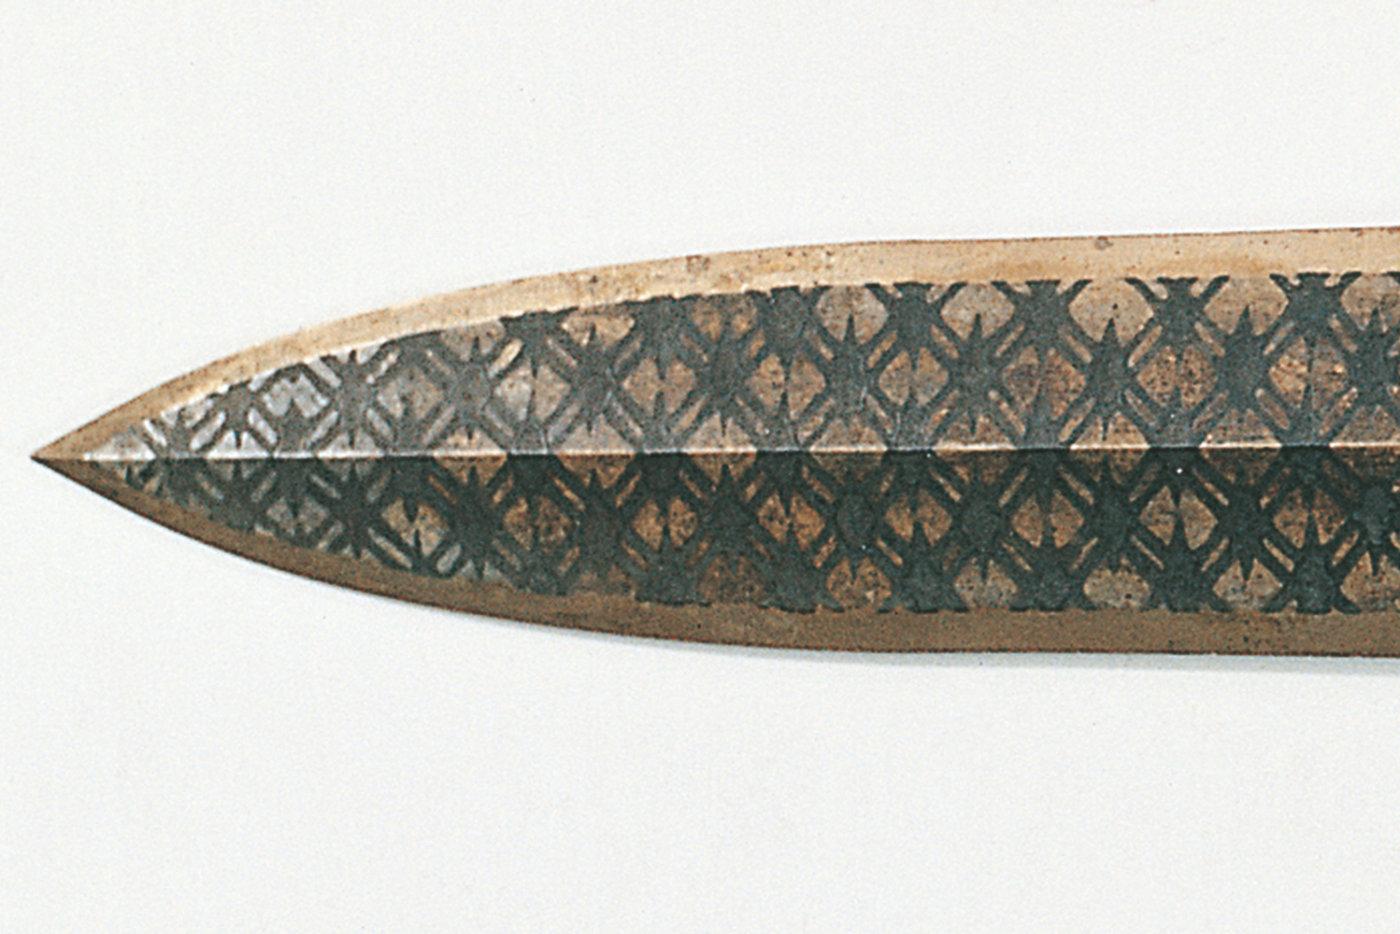 鱼肠剑 —— 内斗的第一凶器 涨姿势 第5张